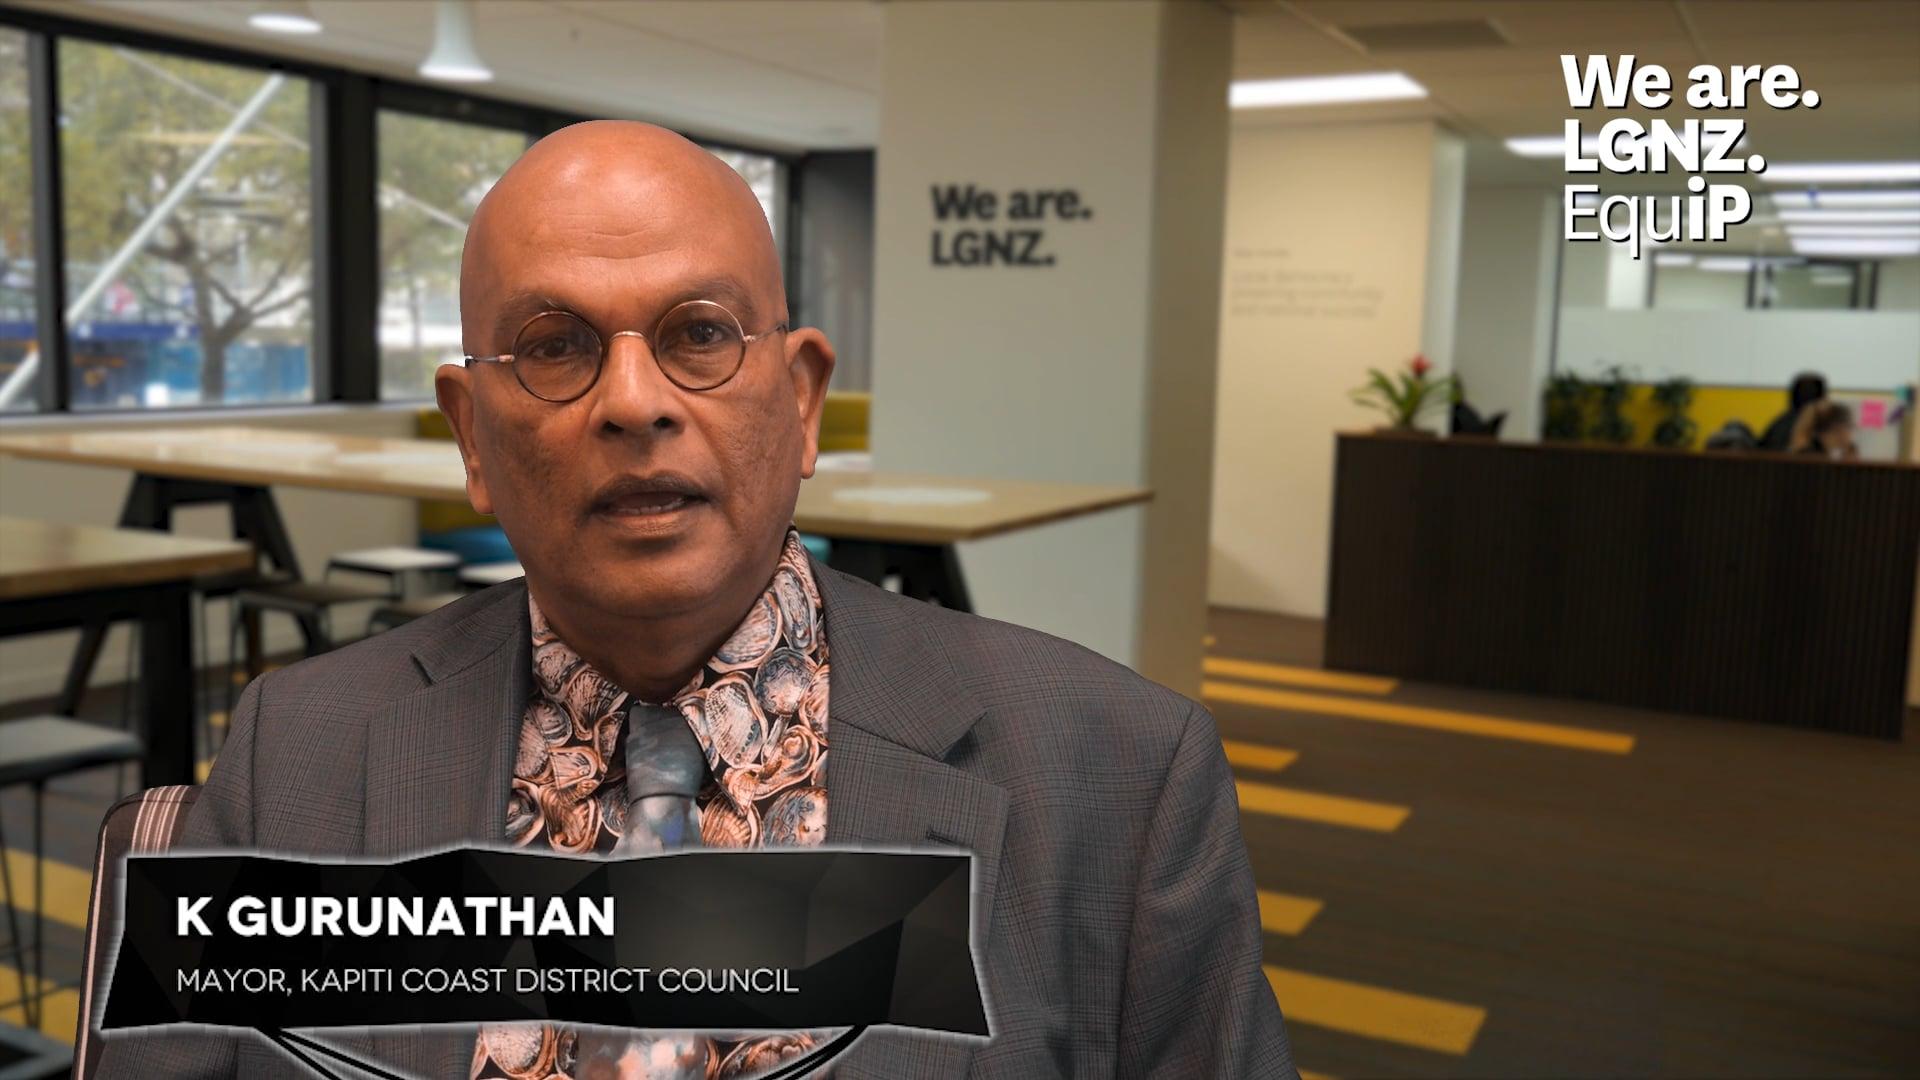 Leadership and Governanance Programme - K Gurunathan